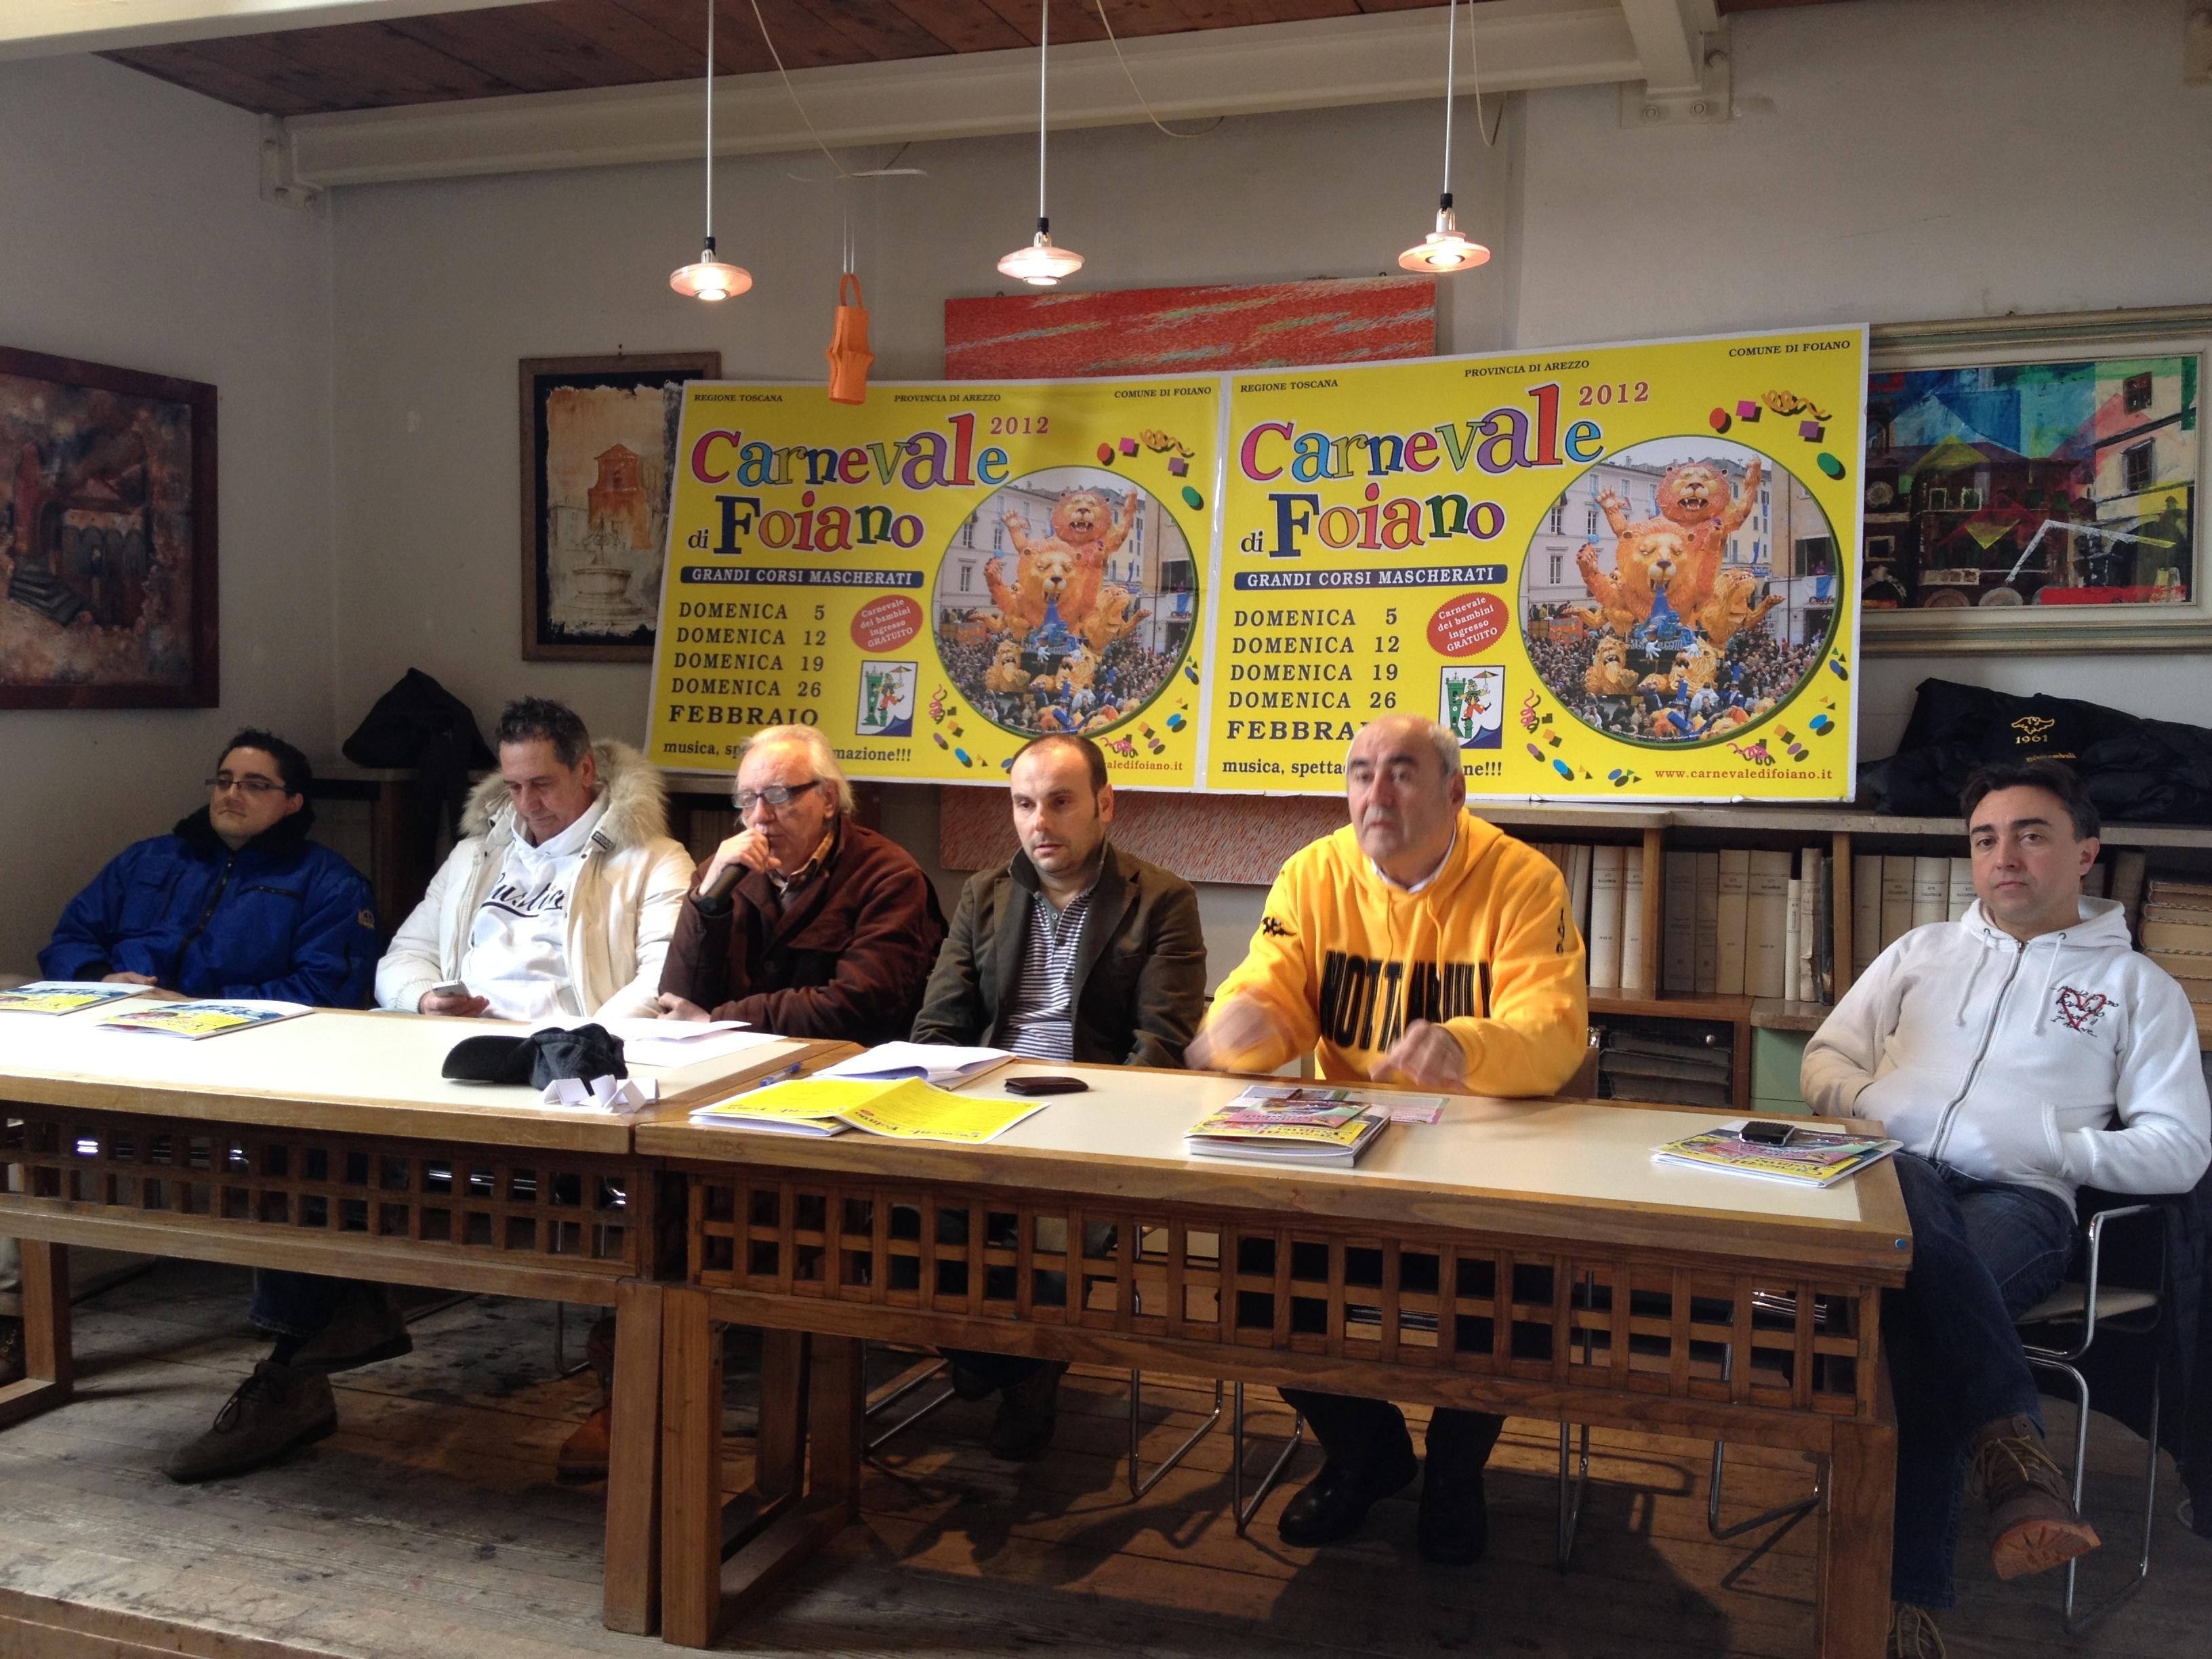 Foiano, Speciale Carnevale: estratto l'ordine di uscita dei carri